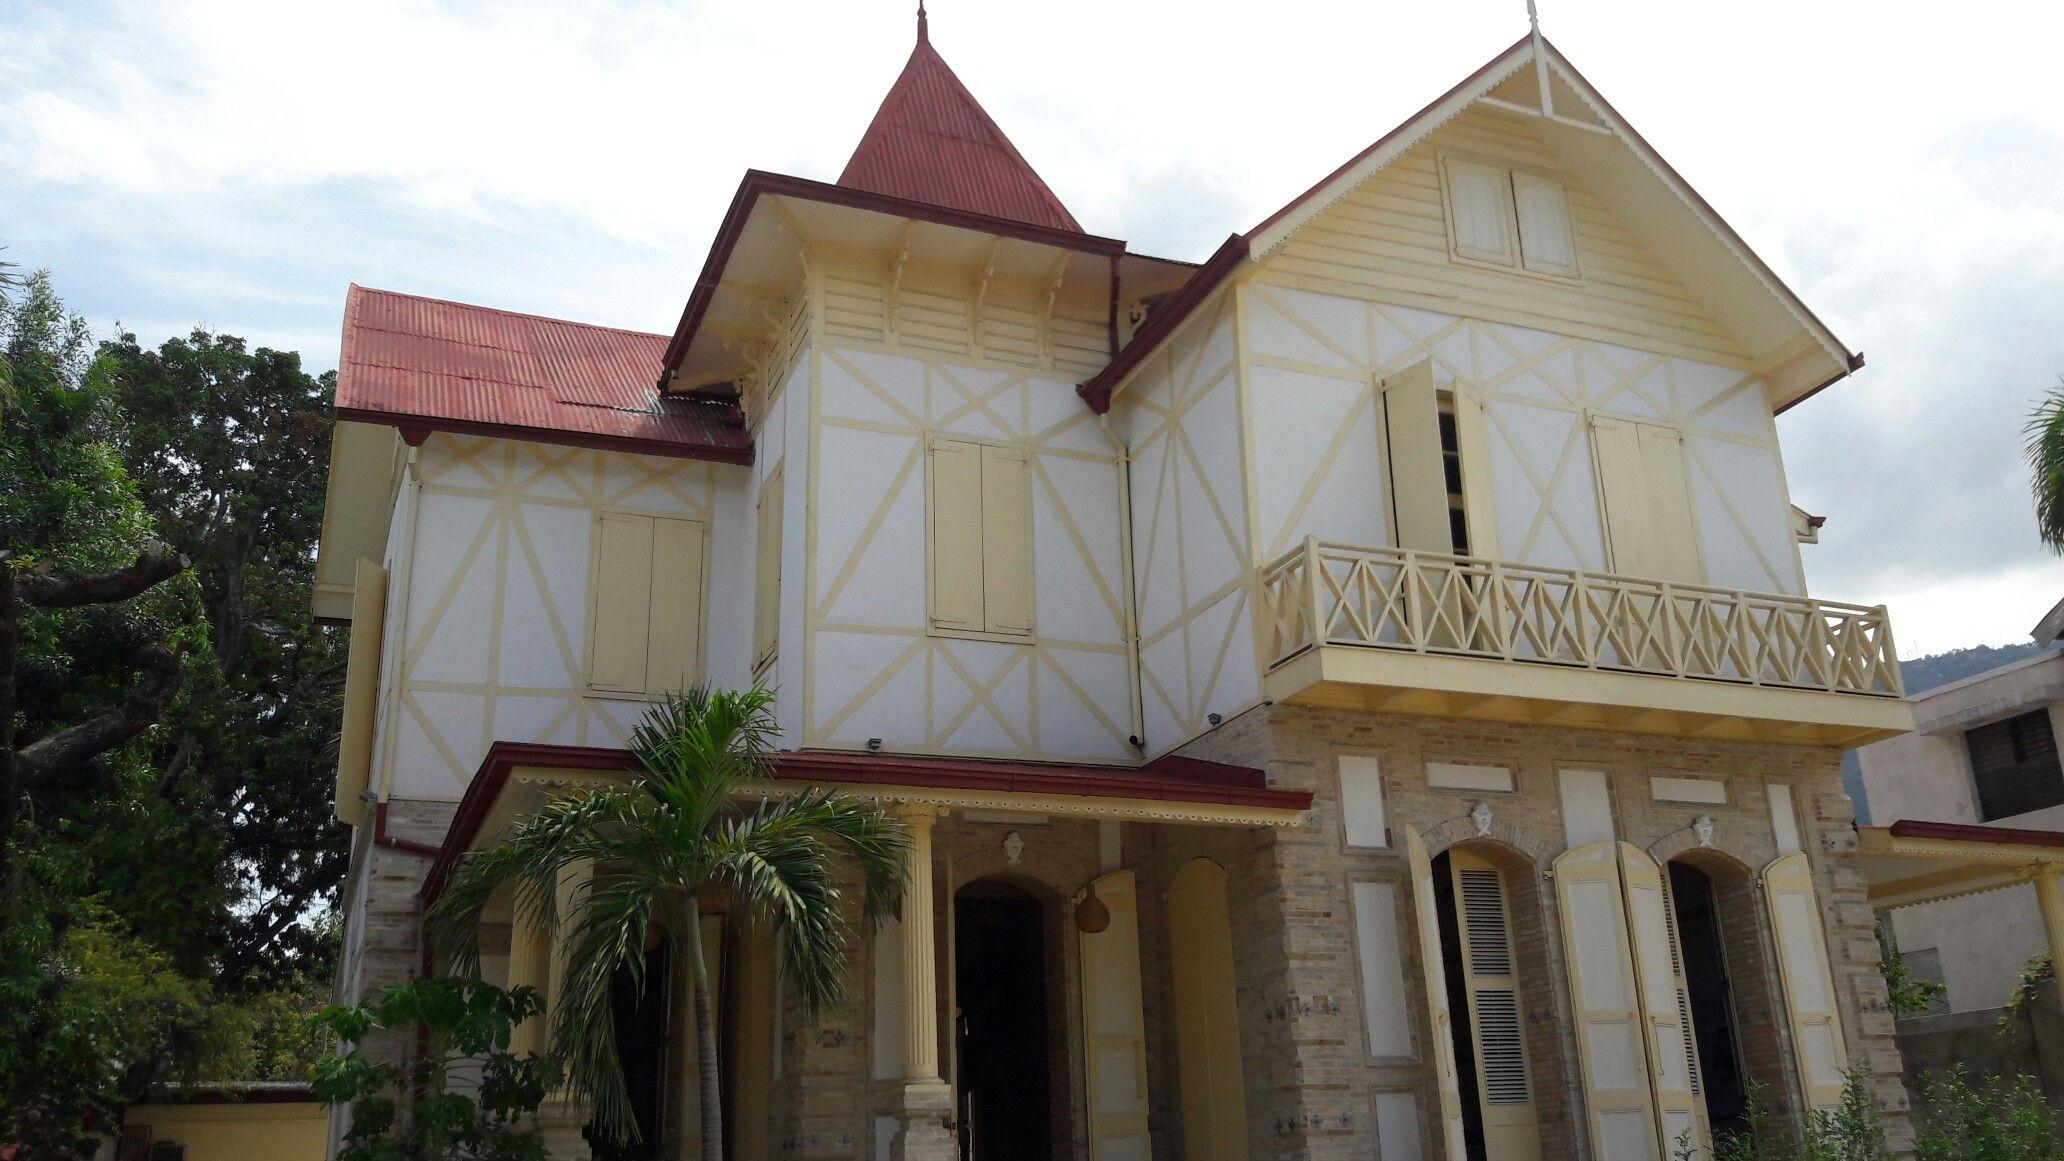 Maison Dufort In Bois Verna PortauPrince Haiti A Gingerbread - Vol paris port au prince